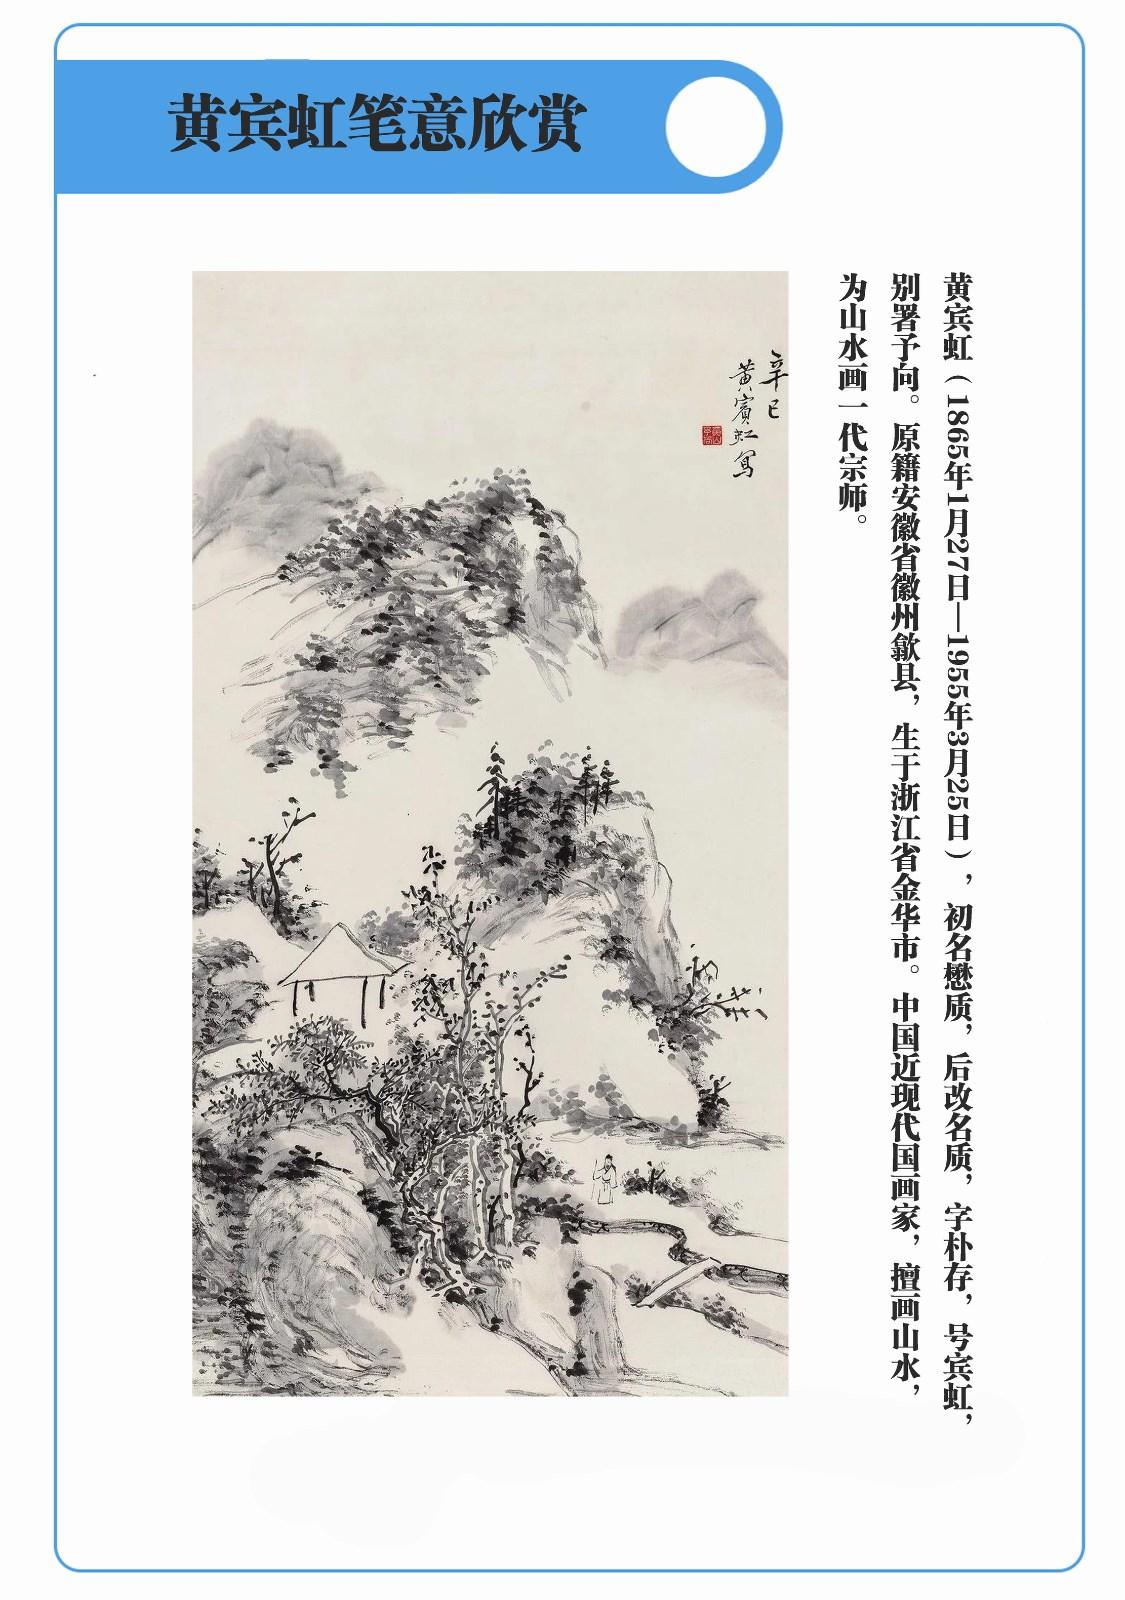 中国画名家笔墨欣赏(二)_图1-2